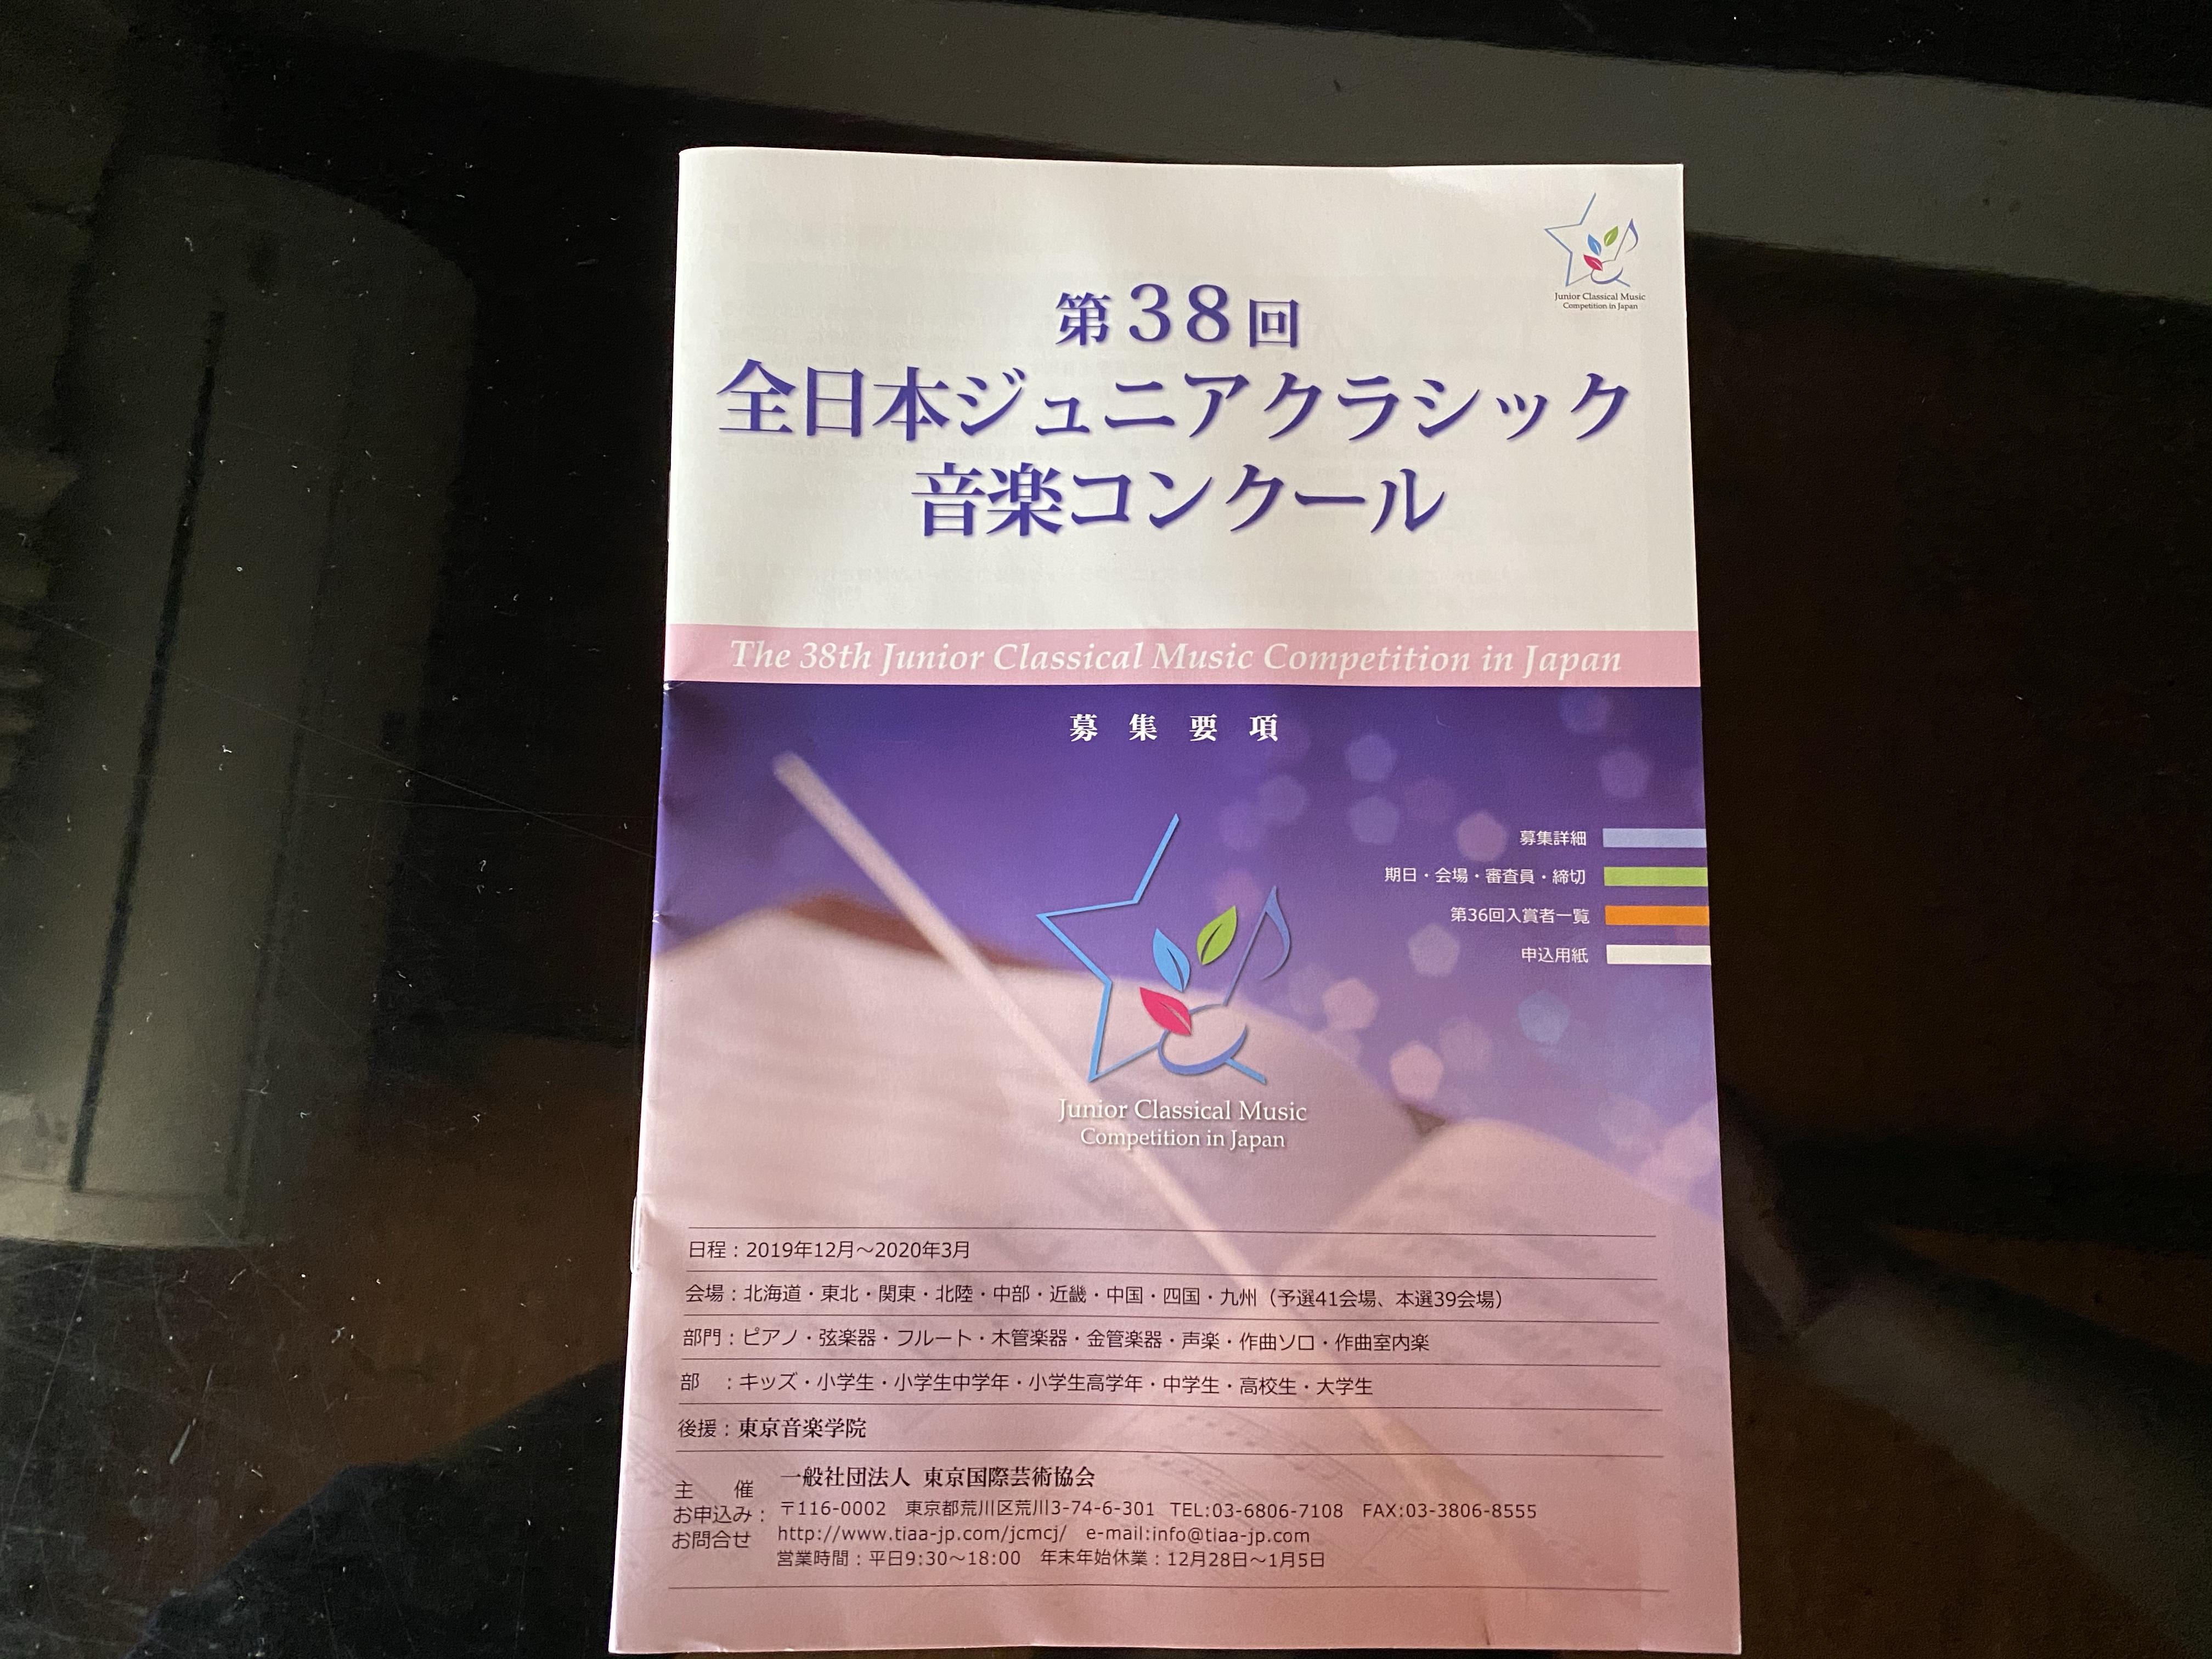 ジュニア コンクール 全日本 クラシック